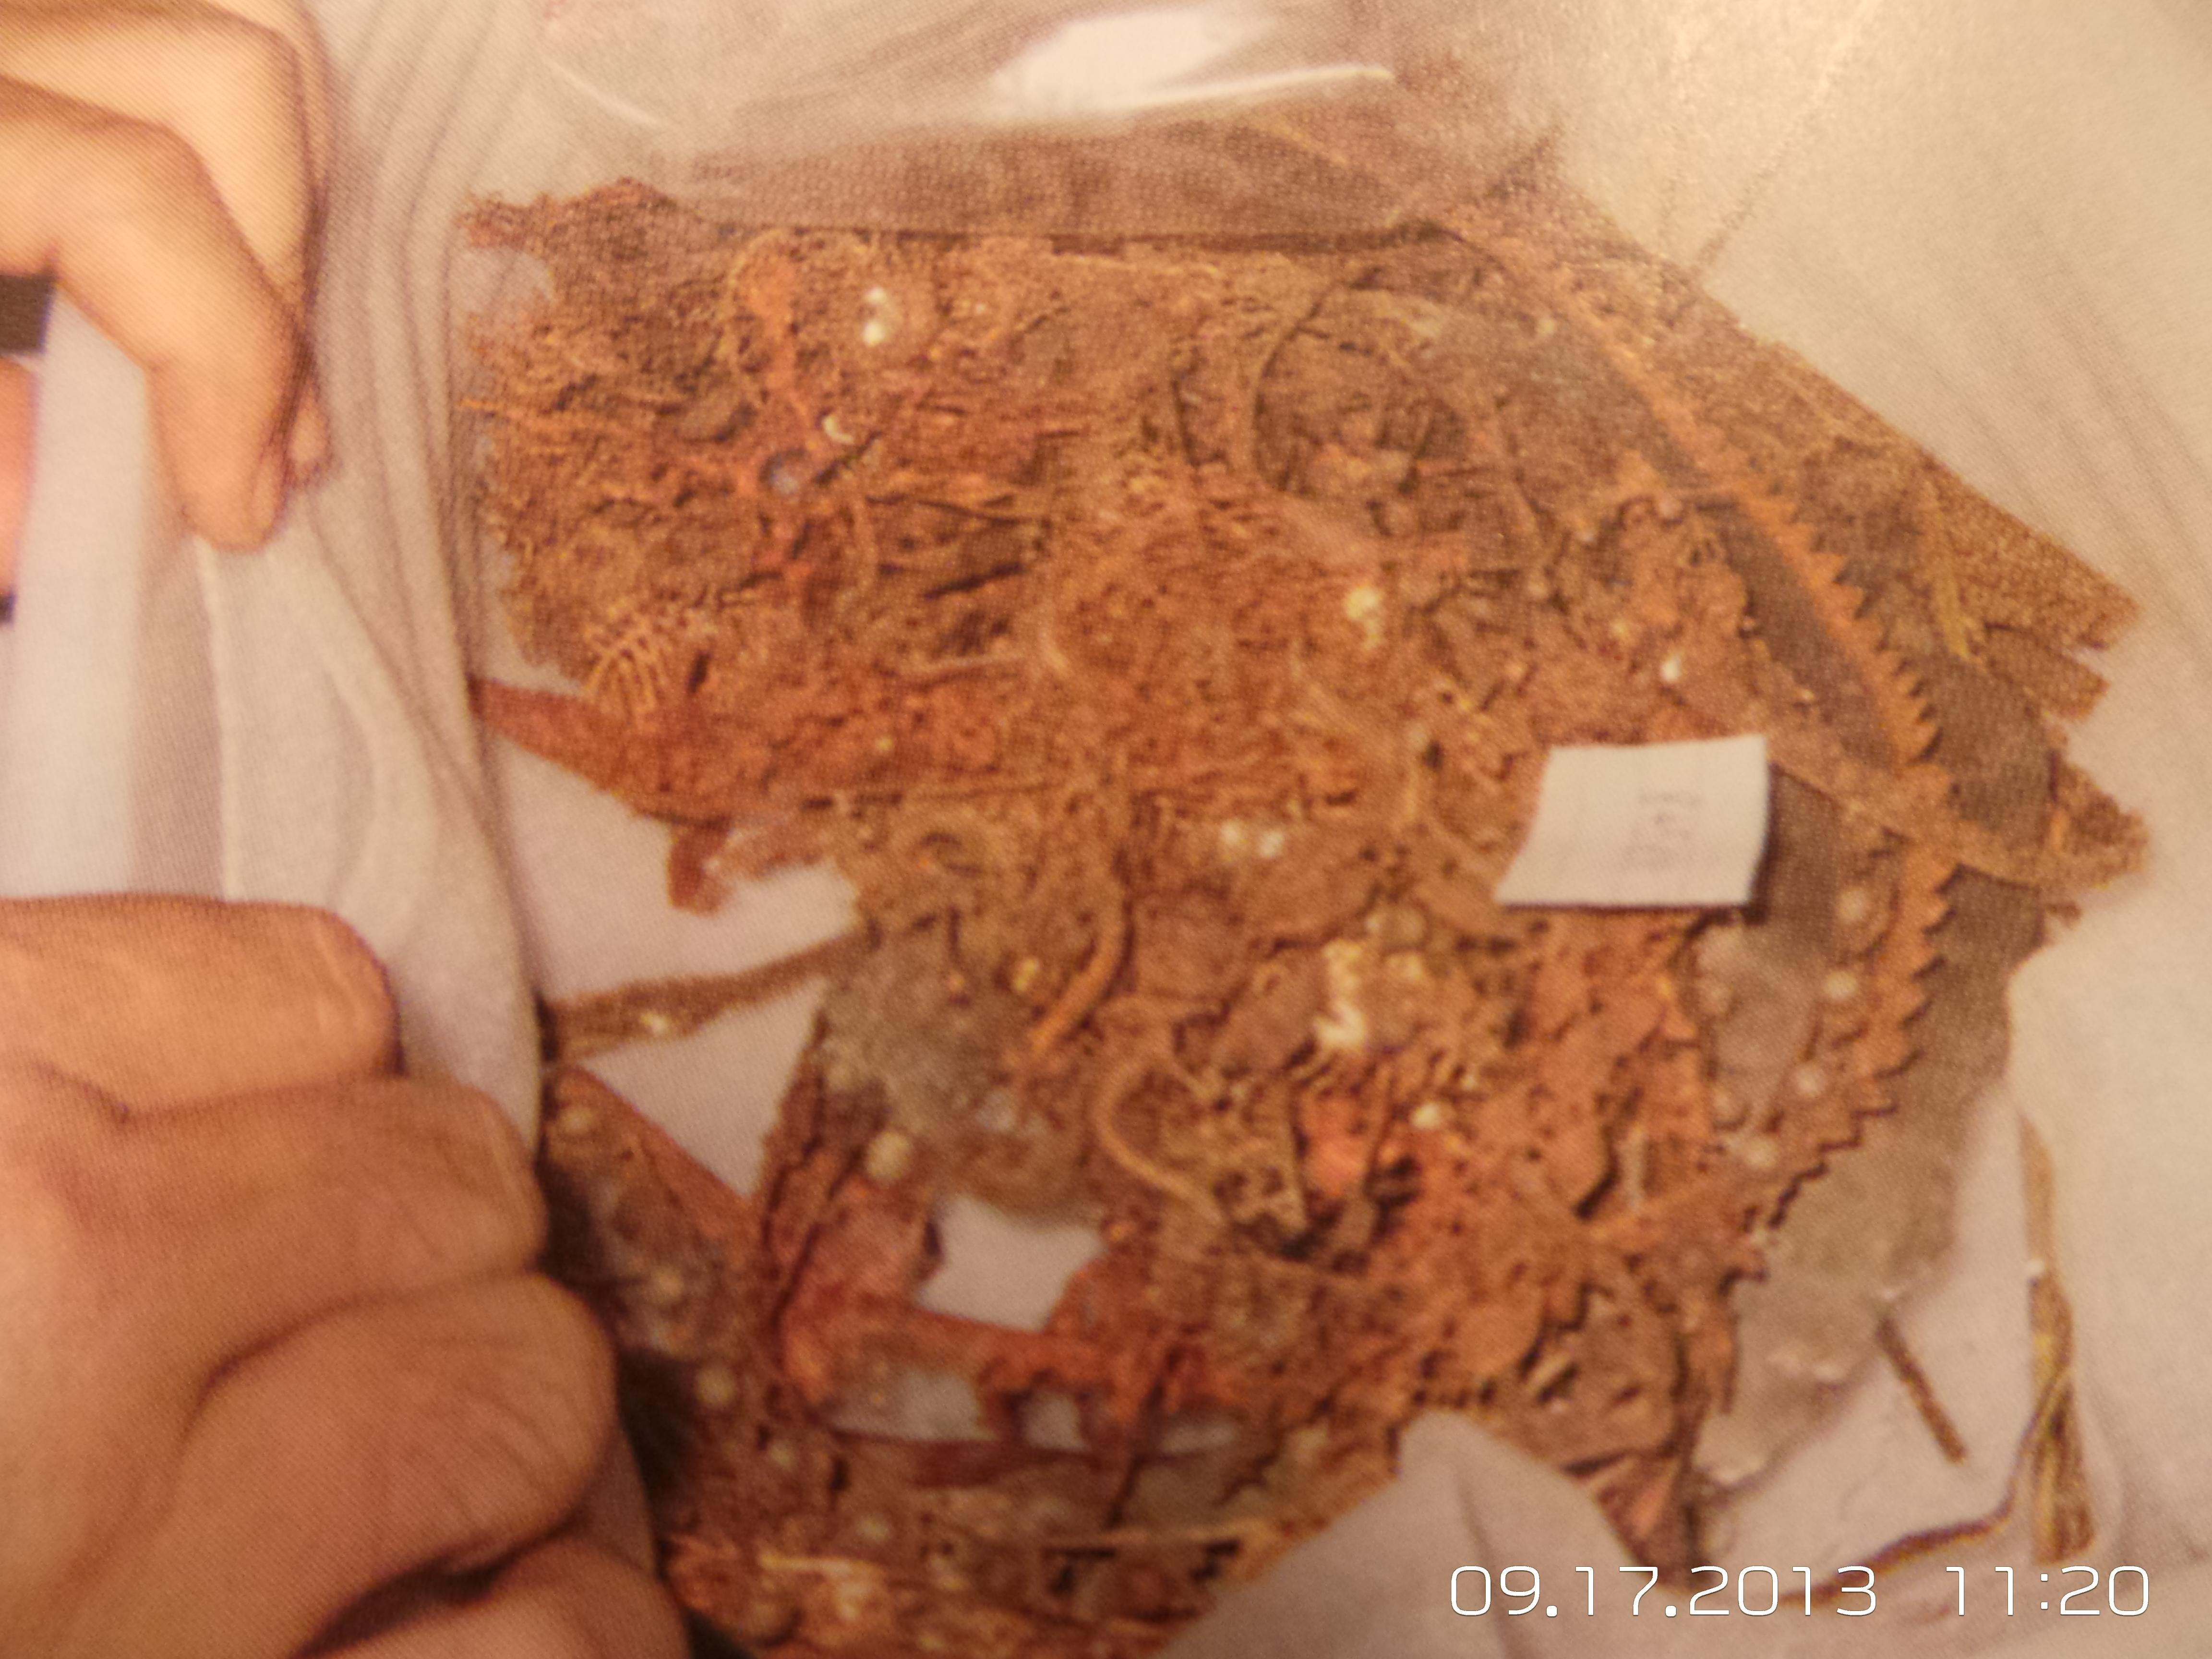 Lần đầu tiết lộ bí mật về chiếc mũ thiết triều vua nhà Nguyễn - Ảnh 1